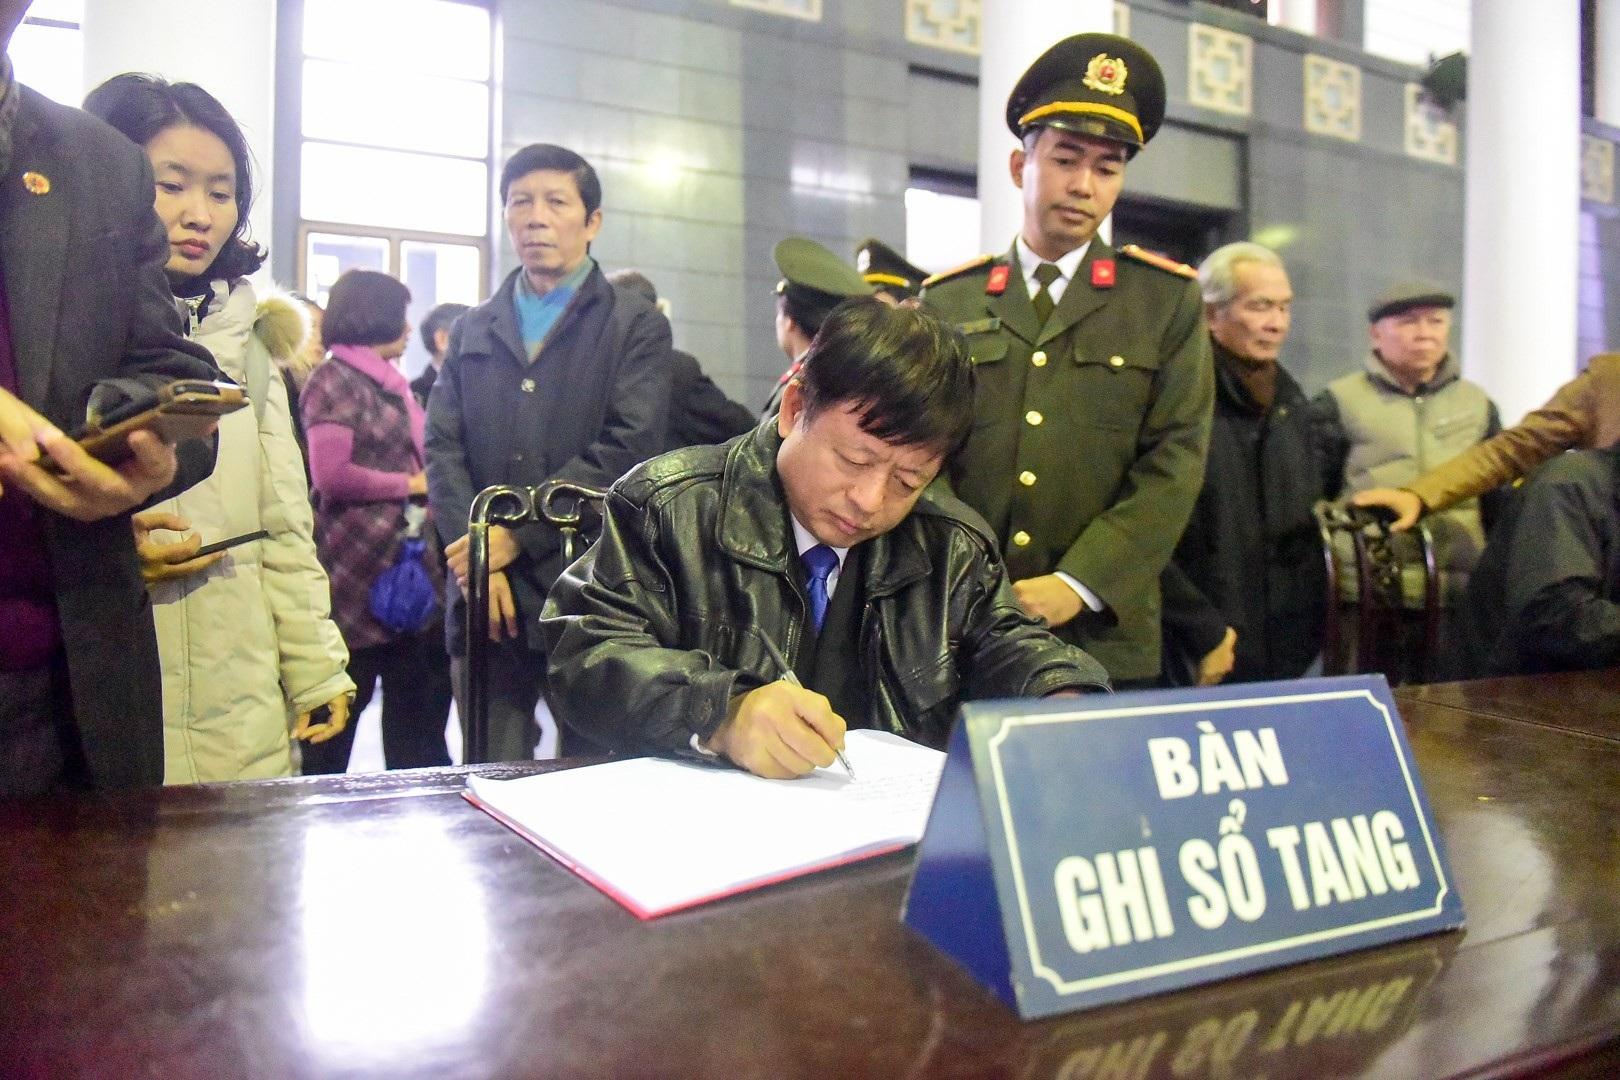 Đông đảo bạn bè, văn nghệ sĩ đến tiễn đưa nhà thơ- nhạc sĩ Nguyễn Trọng Tạo - Ảnh 22.